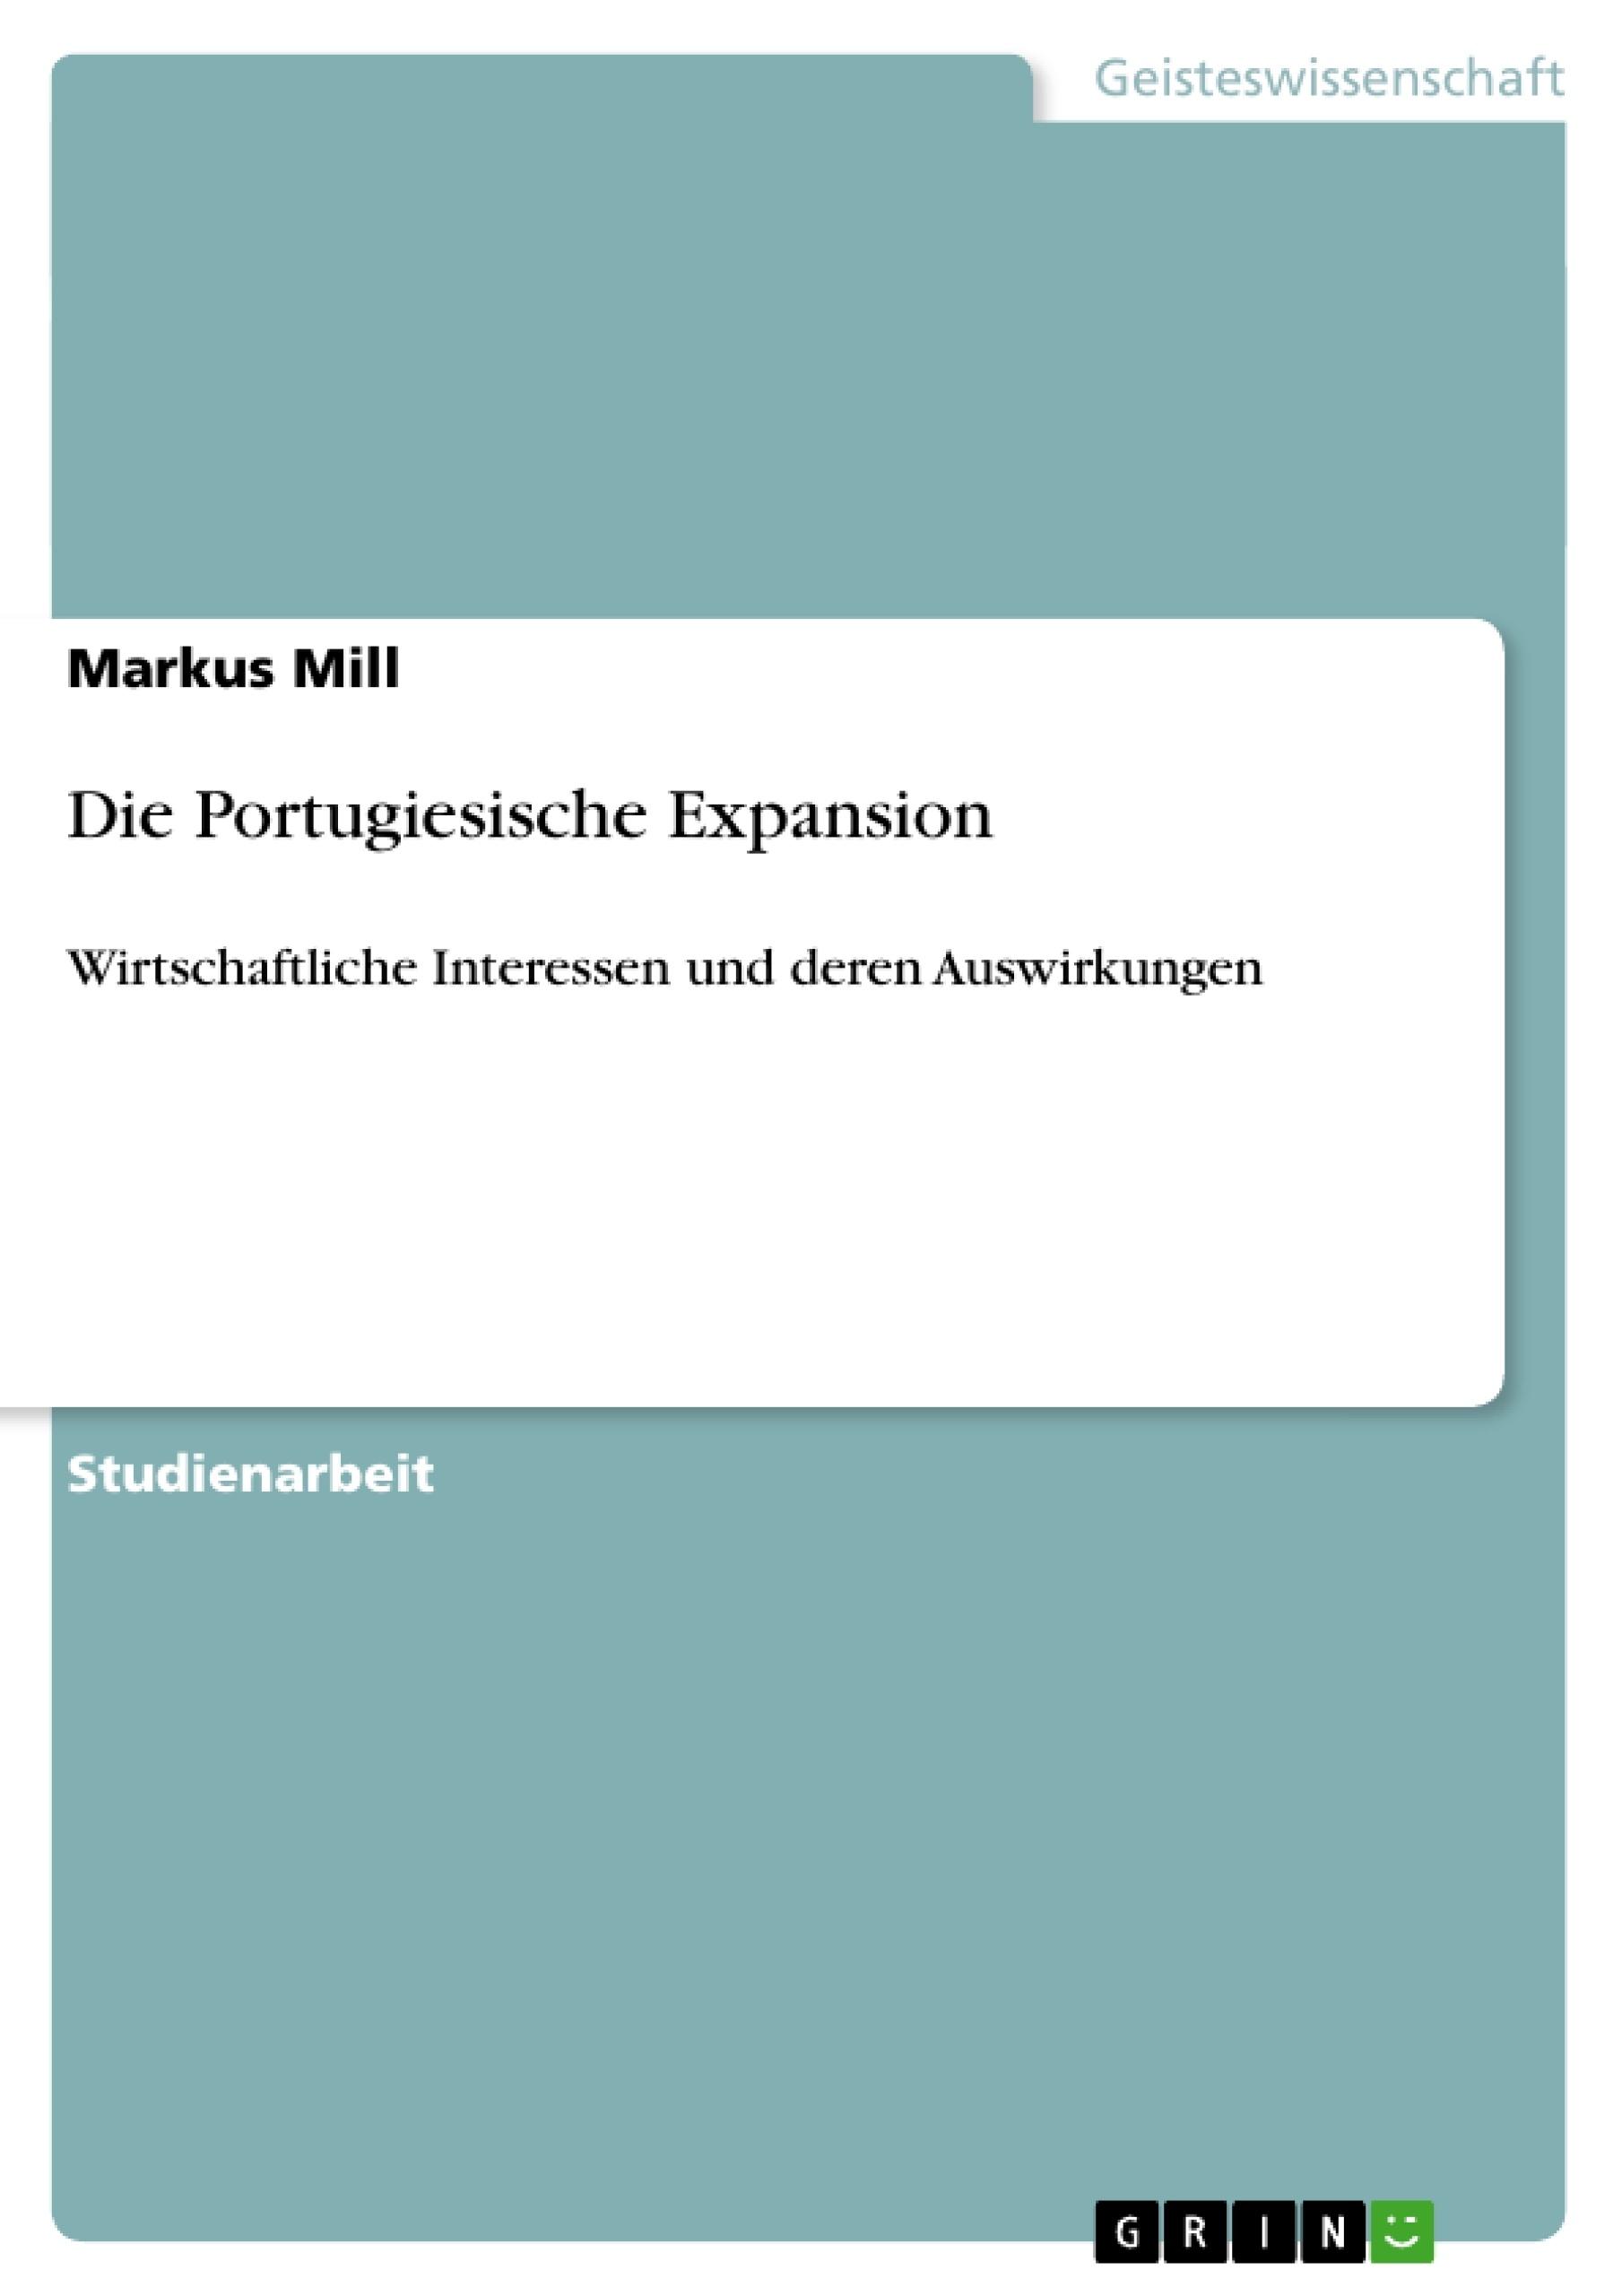 Titel: Die Portugiesische Expansion